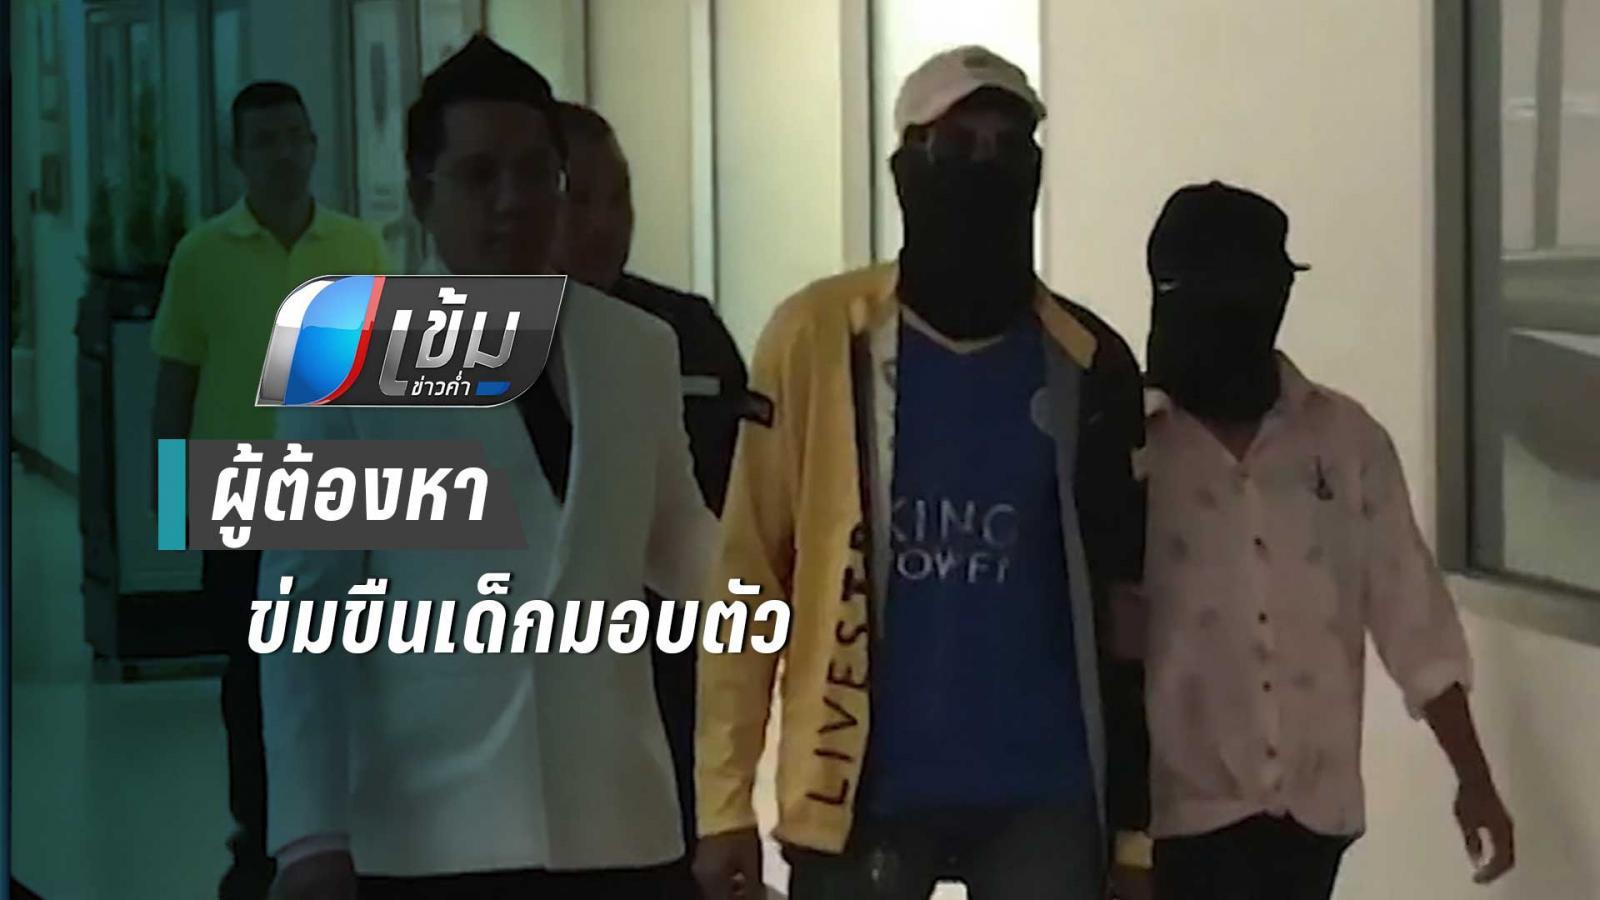 4 ผู้ต้องหาข่มขืนเด็ก 14 ปี มอบตัว ปคม. ปฏิเสธทุกข้อกล่าวหา